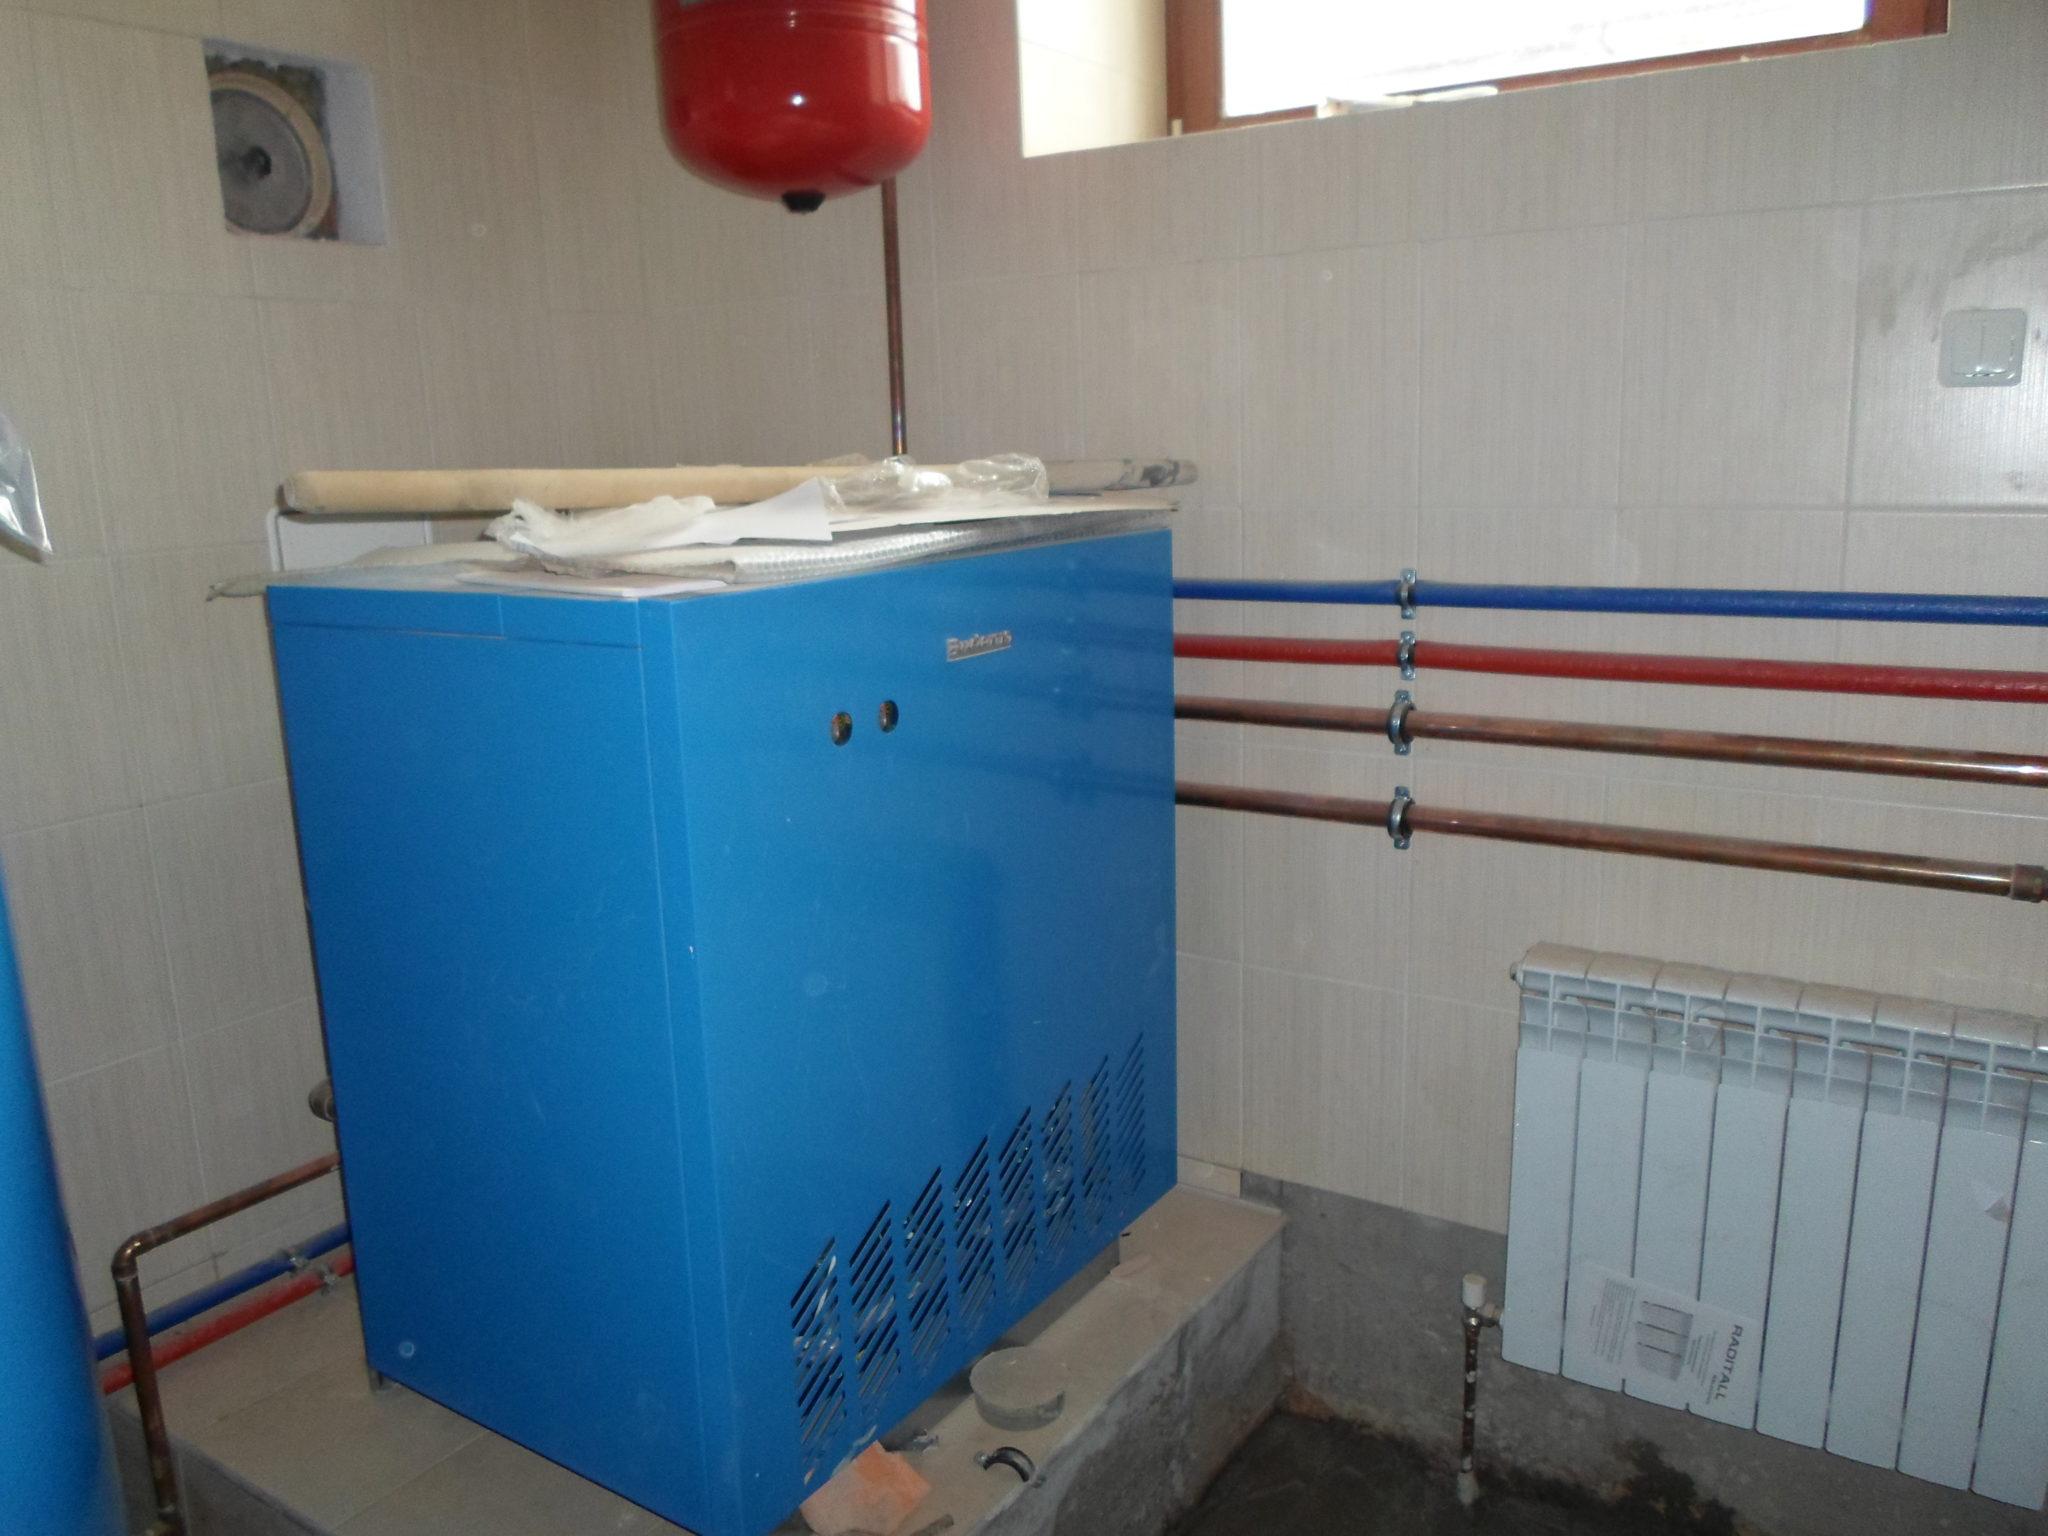 Отопление котлом BUDERUS Немецкие котлы торговой марки BUDERUS (Германия) впервые появились в российской торговле 10 лет назад, завоевав признание у покупателей отменным качеством, завидной надежностью и ощутимыми сроками эксплуатации. Отопление котлами BUDERUS осуществляется с помощью газа, электроэнергии, котлы могут работать на дизельном, а также на твердом топливе. Компания BUDERUS с XVIII века выпускает чугунные котлы. В их производстве настоящее время применяется новейшая технология термопотока (Thermostream), благодаря чему температура ниже уровня точки росы не снижается, не образуется конденсат. В конструкцию котлов заложен трехходовый принцип, вследствие чего значительно снижаются атмосферные выбросы. Отопление котлами BUDERUS дает КПД до 95-96%, притом используются и стальные котлы. Их мощность различная и варьируется до 1,6 МВт. Котлы оснащены автоматикой и отключаются, если помещениям не требуется отопление и горячая вода. Проектирование и установку отопления котлами BUDERUS осуществляет ООО «ДИЗАЙН ПРЕСТИЖ», активно действующее в сфере отопительных услуг более пятнадцати лет, что гарантирует безукоризненность выполняемых работ.